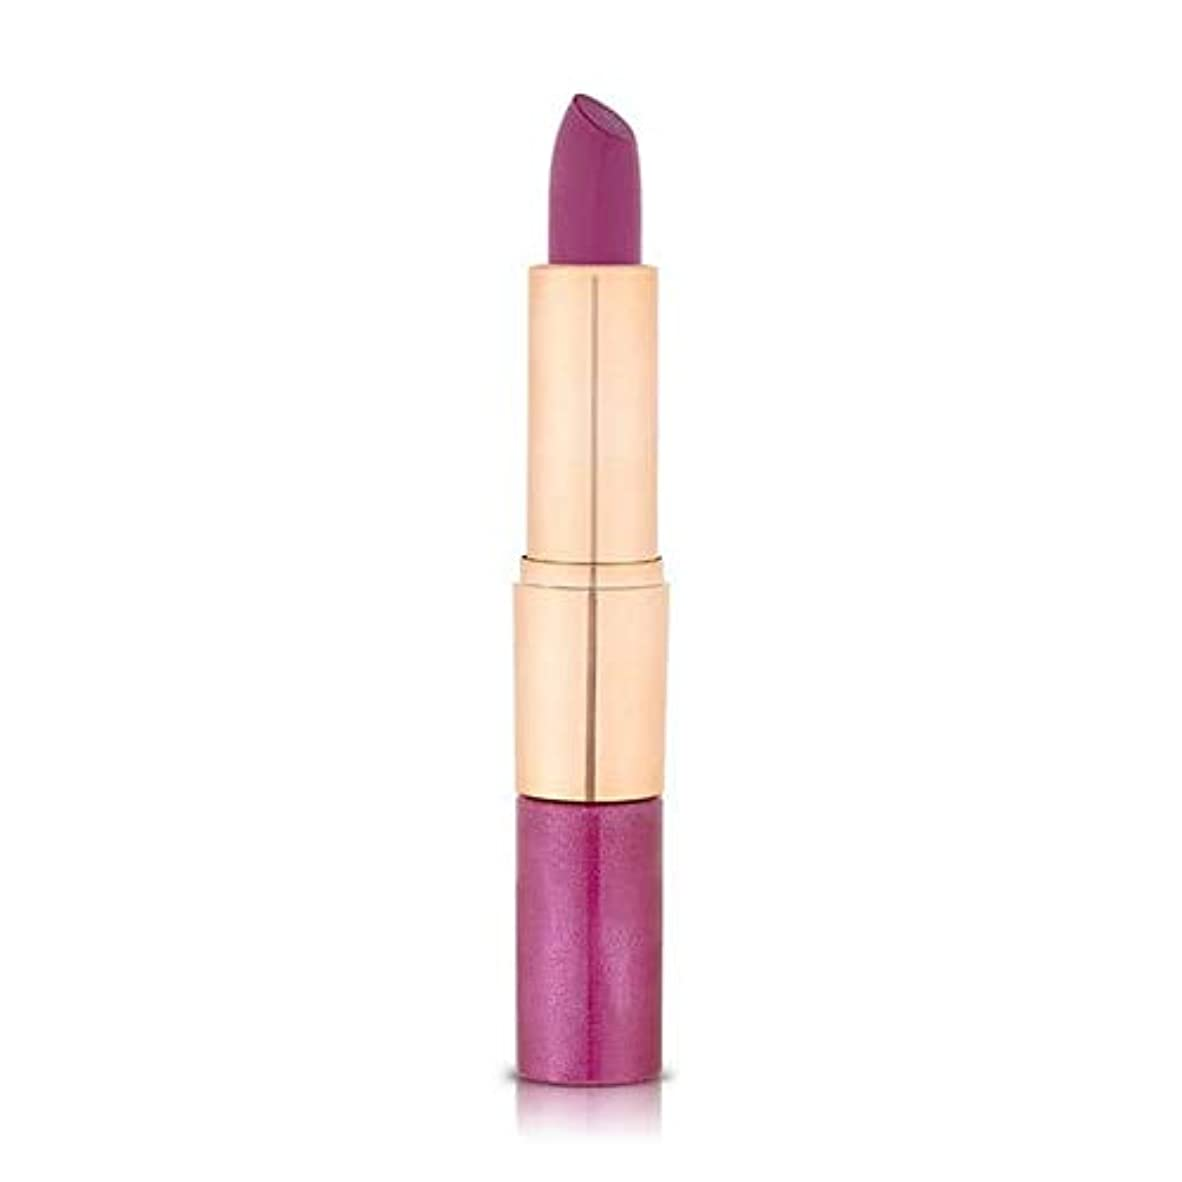 やる我慢するスタジアム[Flower Beauty ] 花の美しさのミックスN」はマット口紅デュオバイオレットビクセン689 - Flower Beauty Mix N' Matte Lipstick Duo Violet Vixen 689...